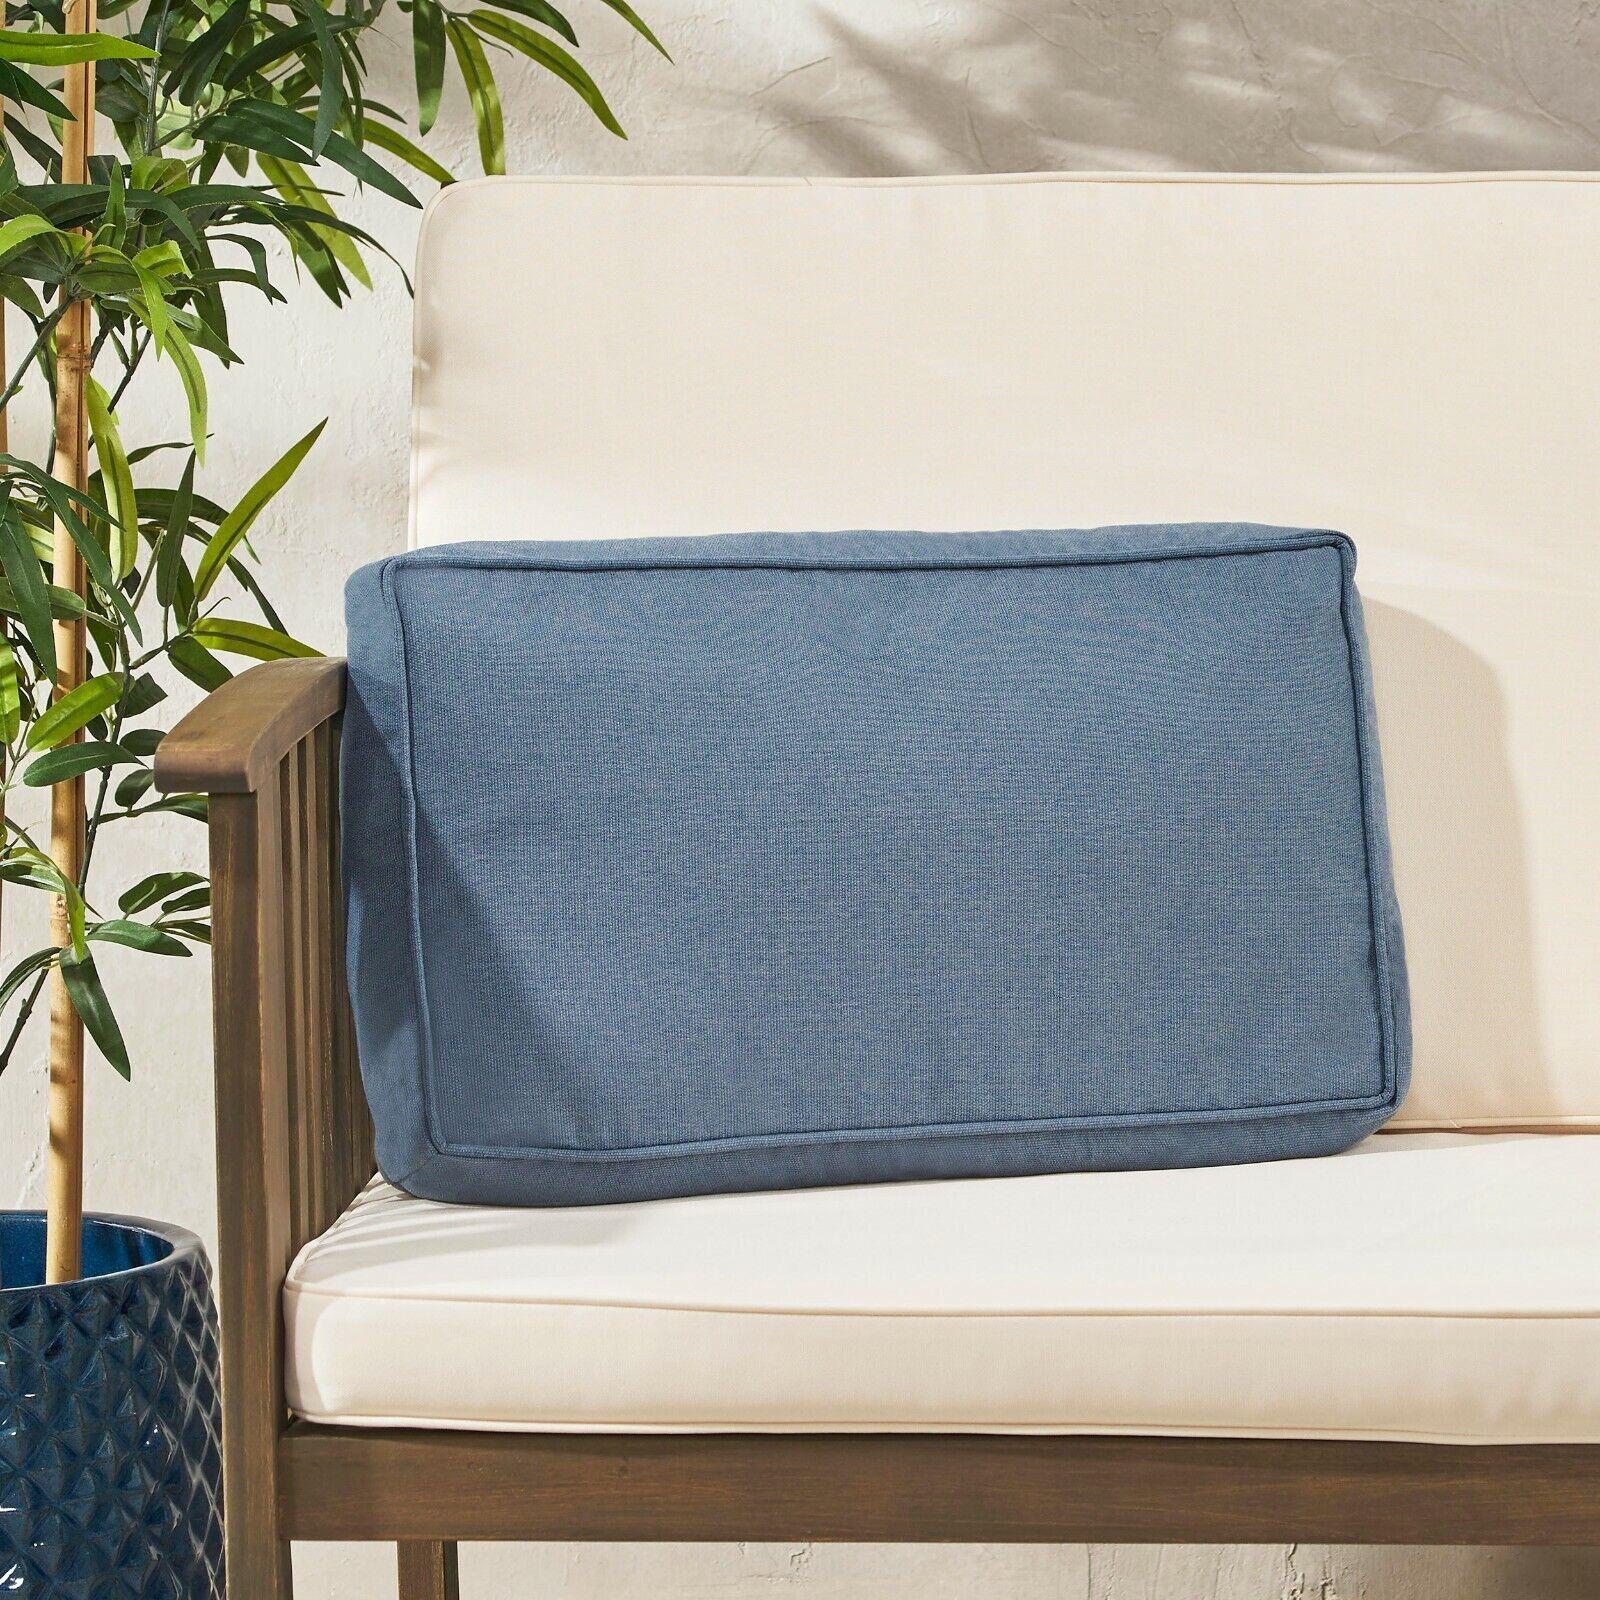 Rydder Coast Outdoor Rectanglular Water Resistant 12″x20″ Lumbar Pillow Home & Garden